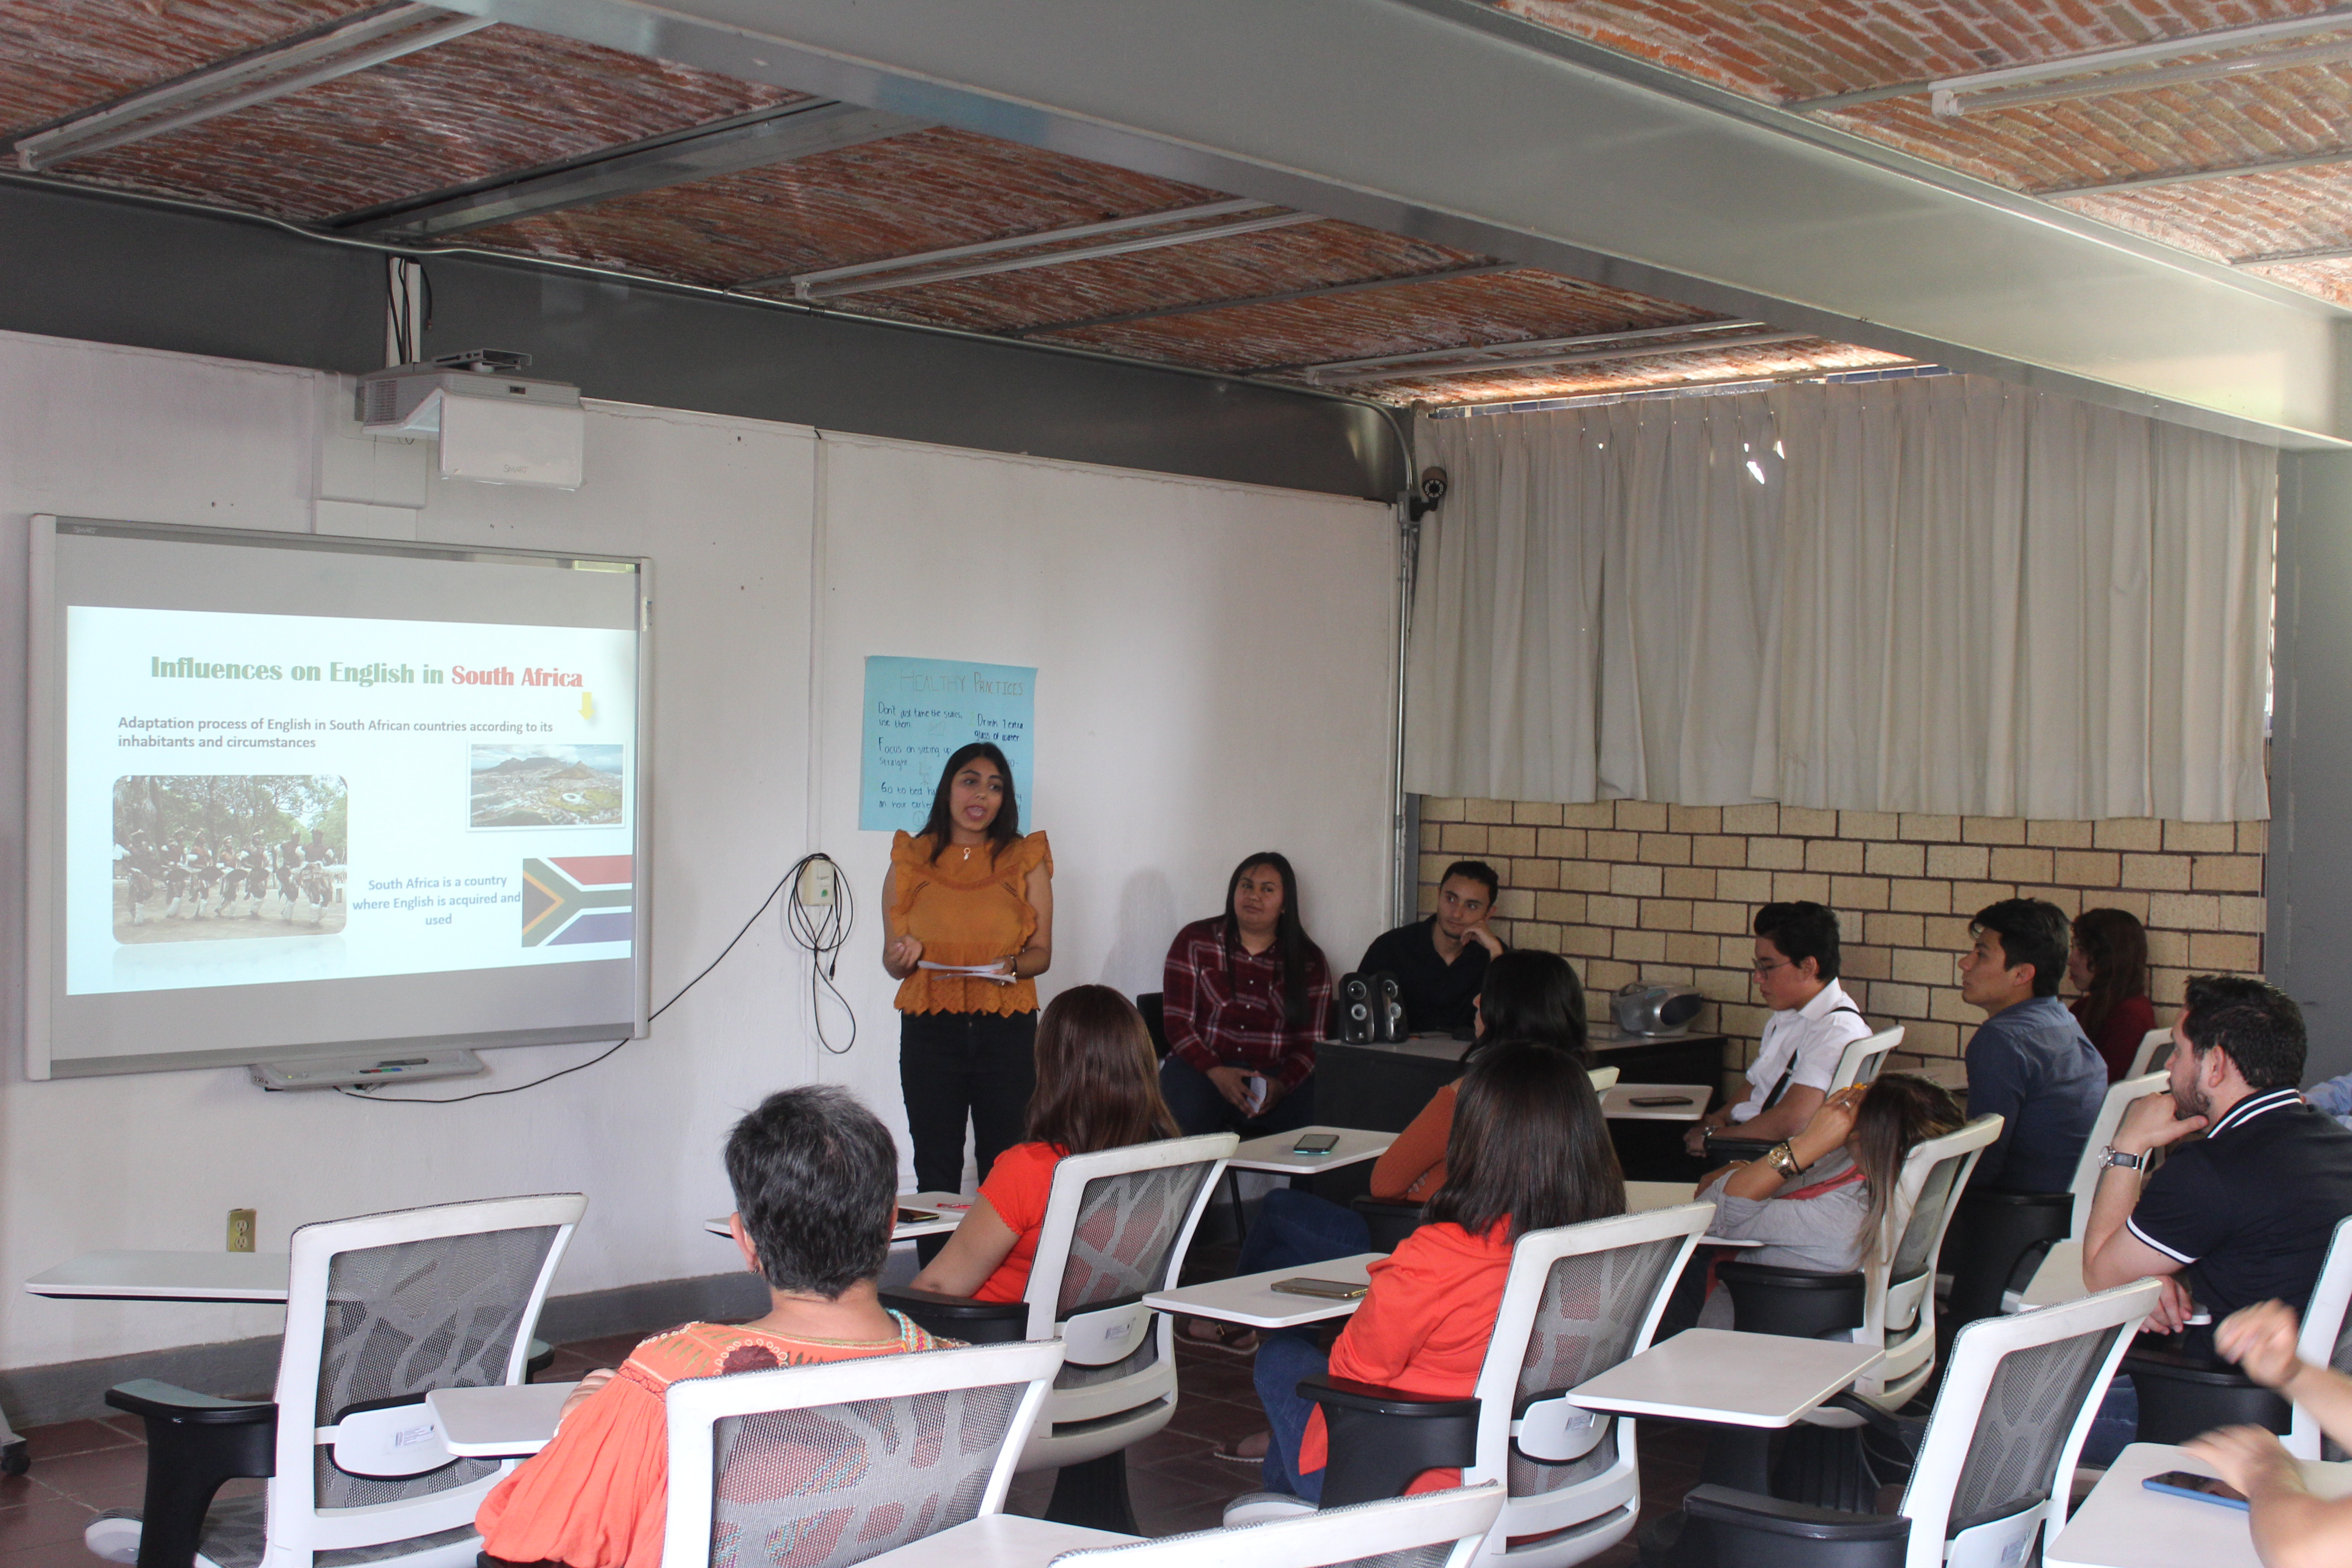 El equipo presentó este tema mediante diapositivas